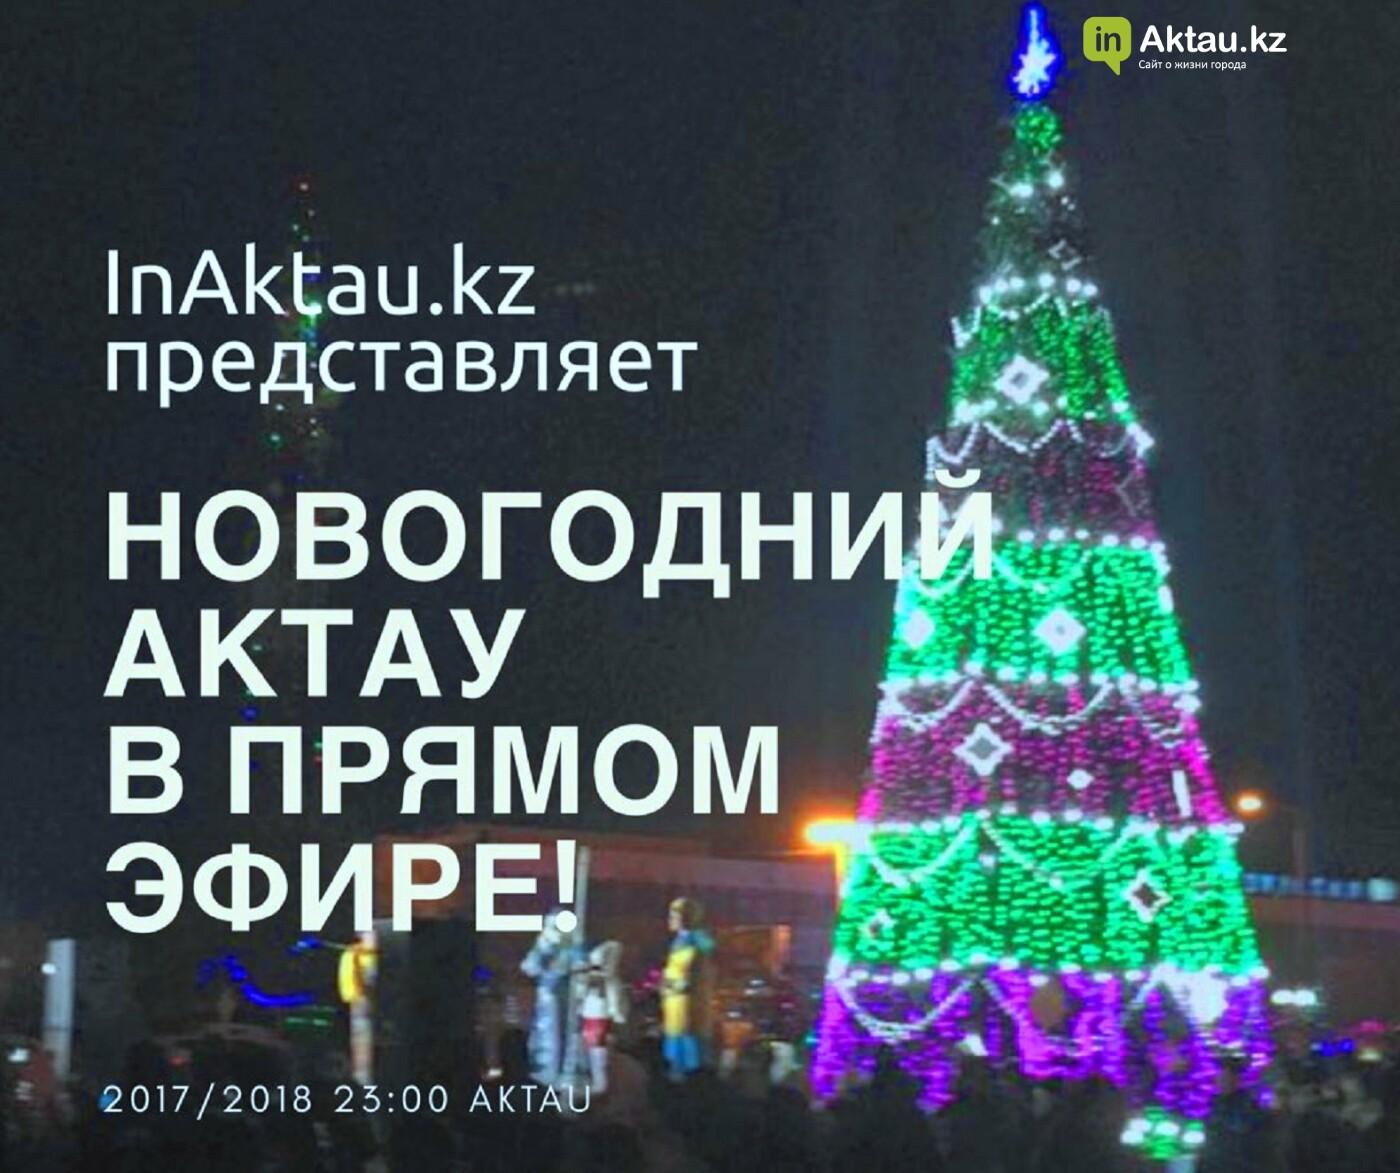 Новогодний салют в Актау можно будет увидеть в прямом эфире, фото-1